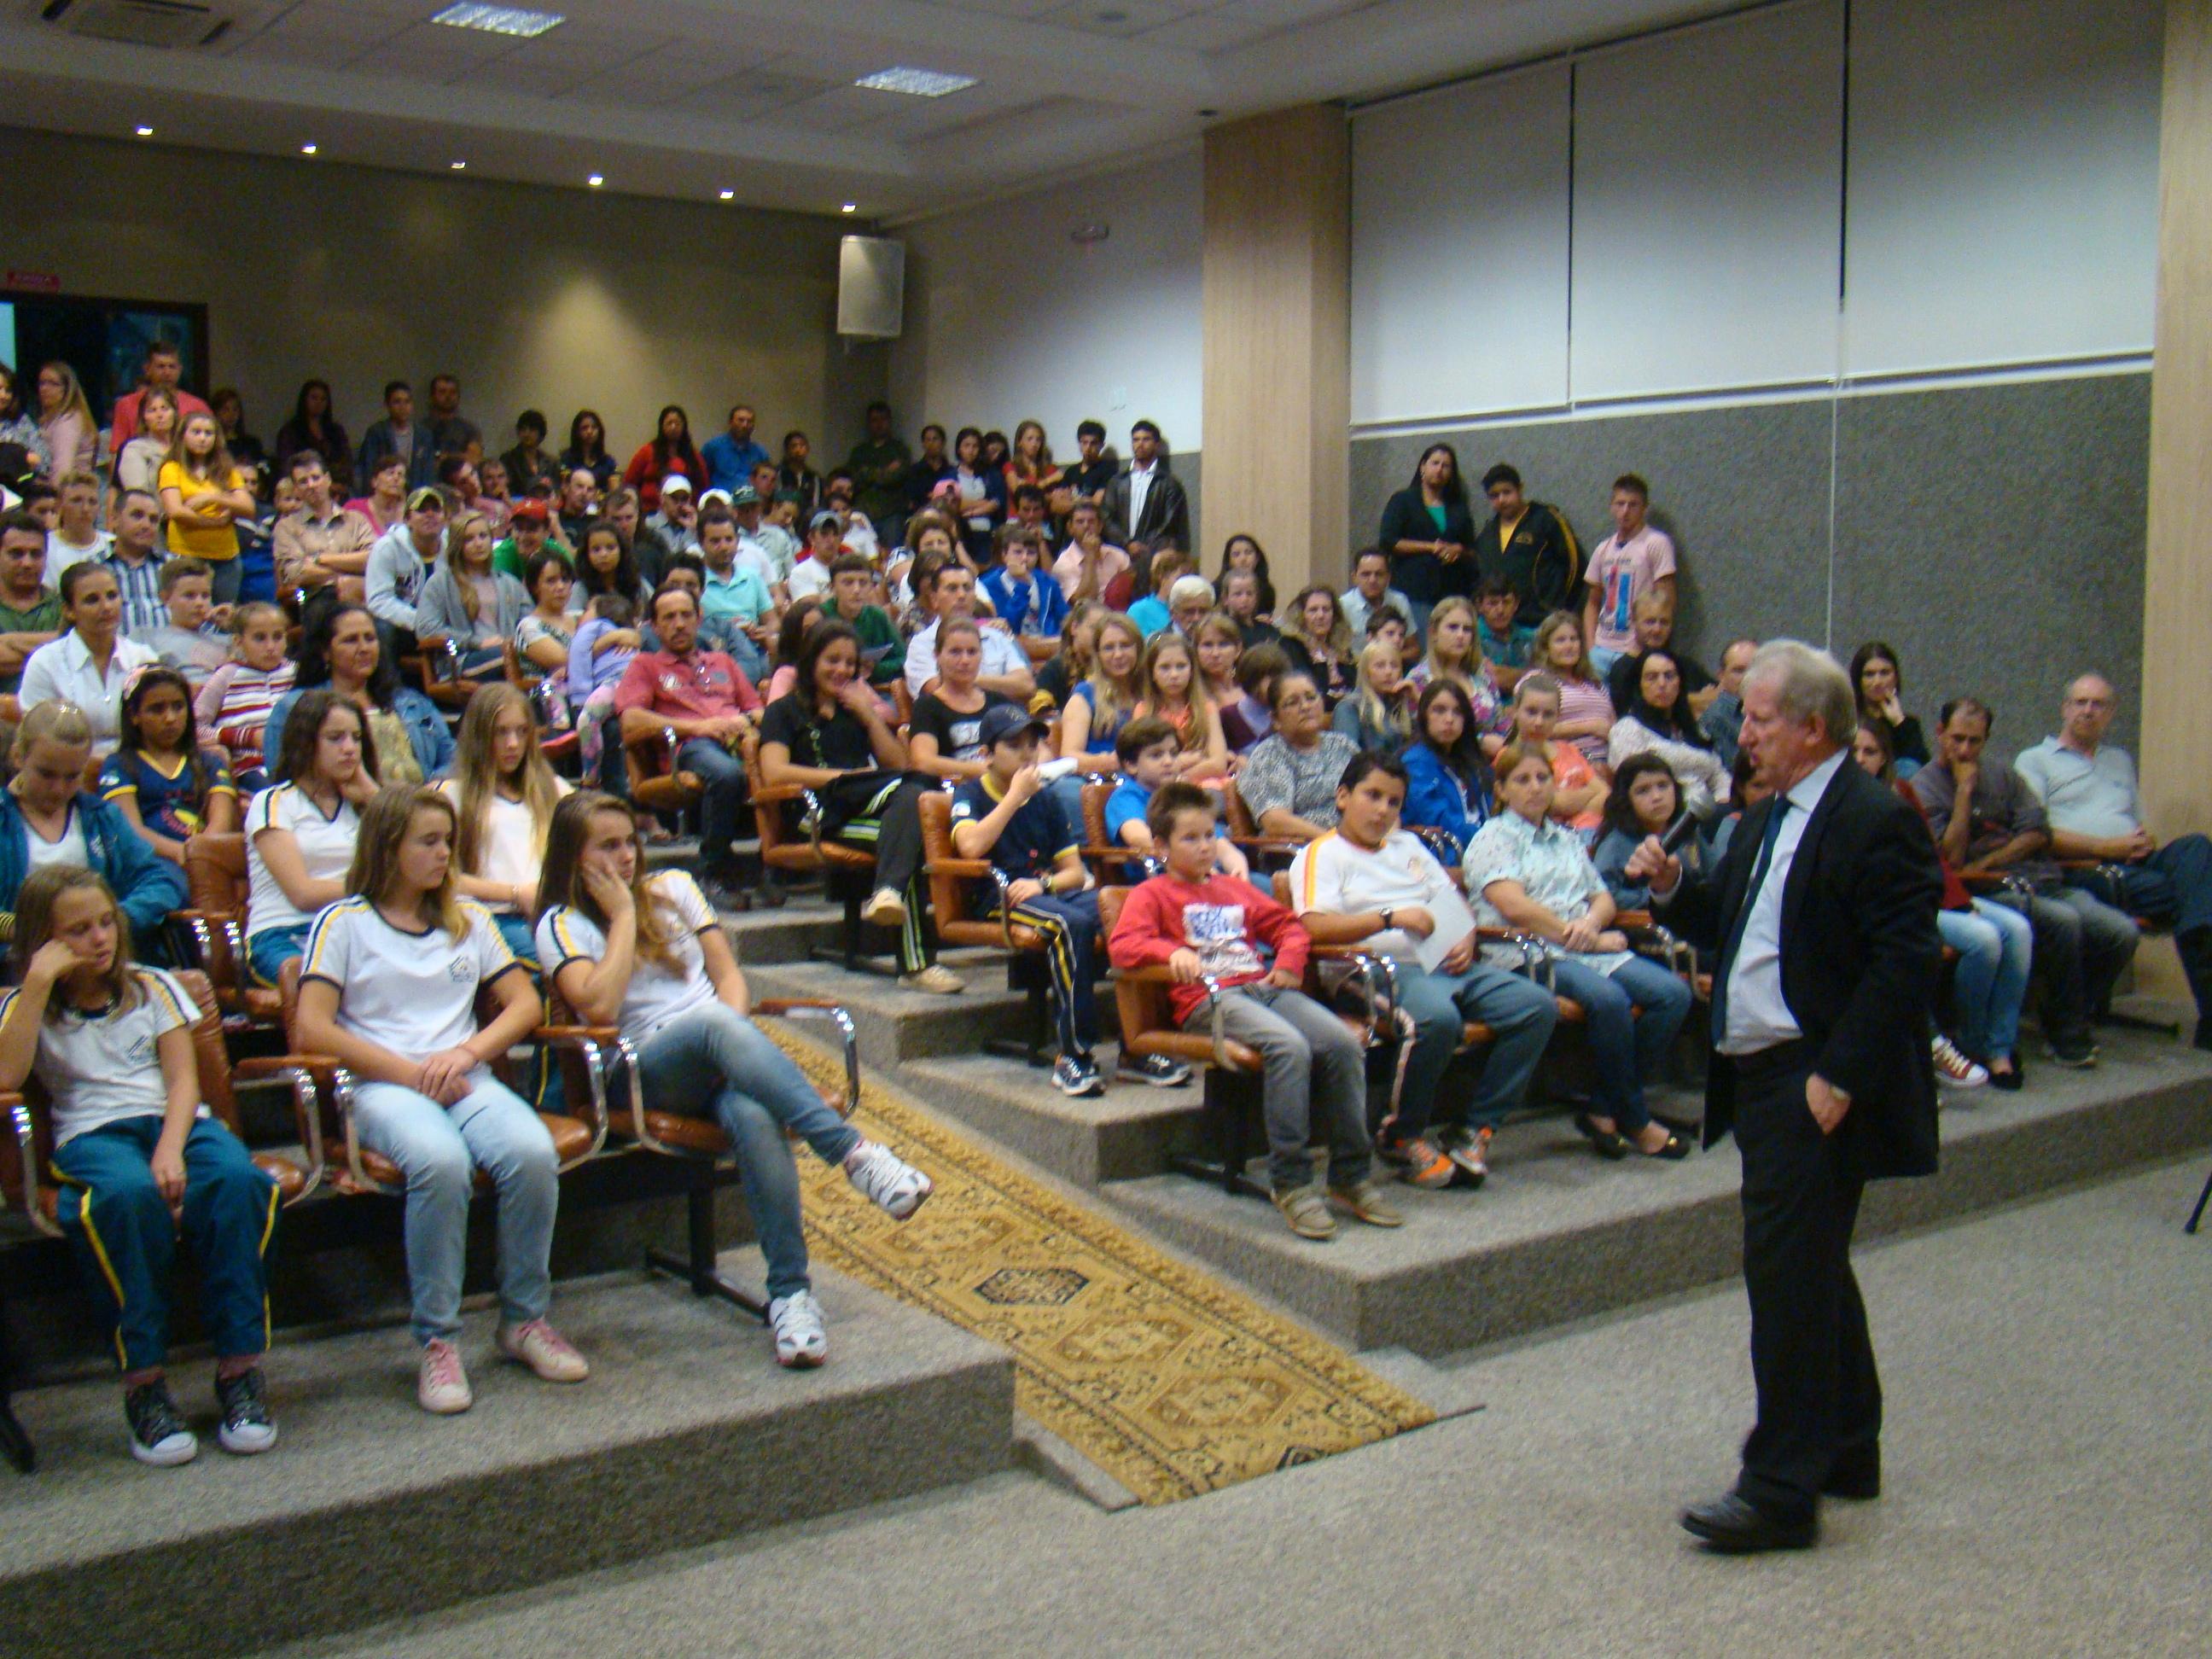 Palestra do professor Claudino atraiu a aten��o dos alunos pela din�mica que envolve